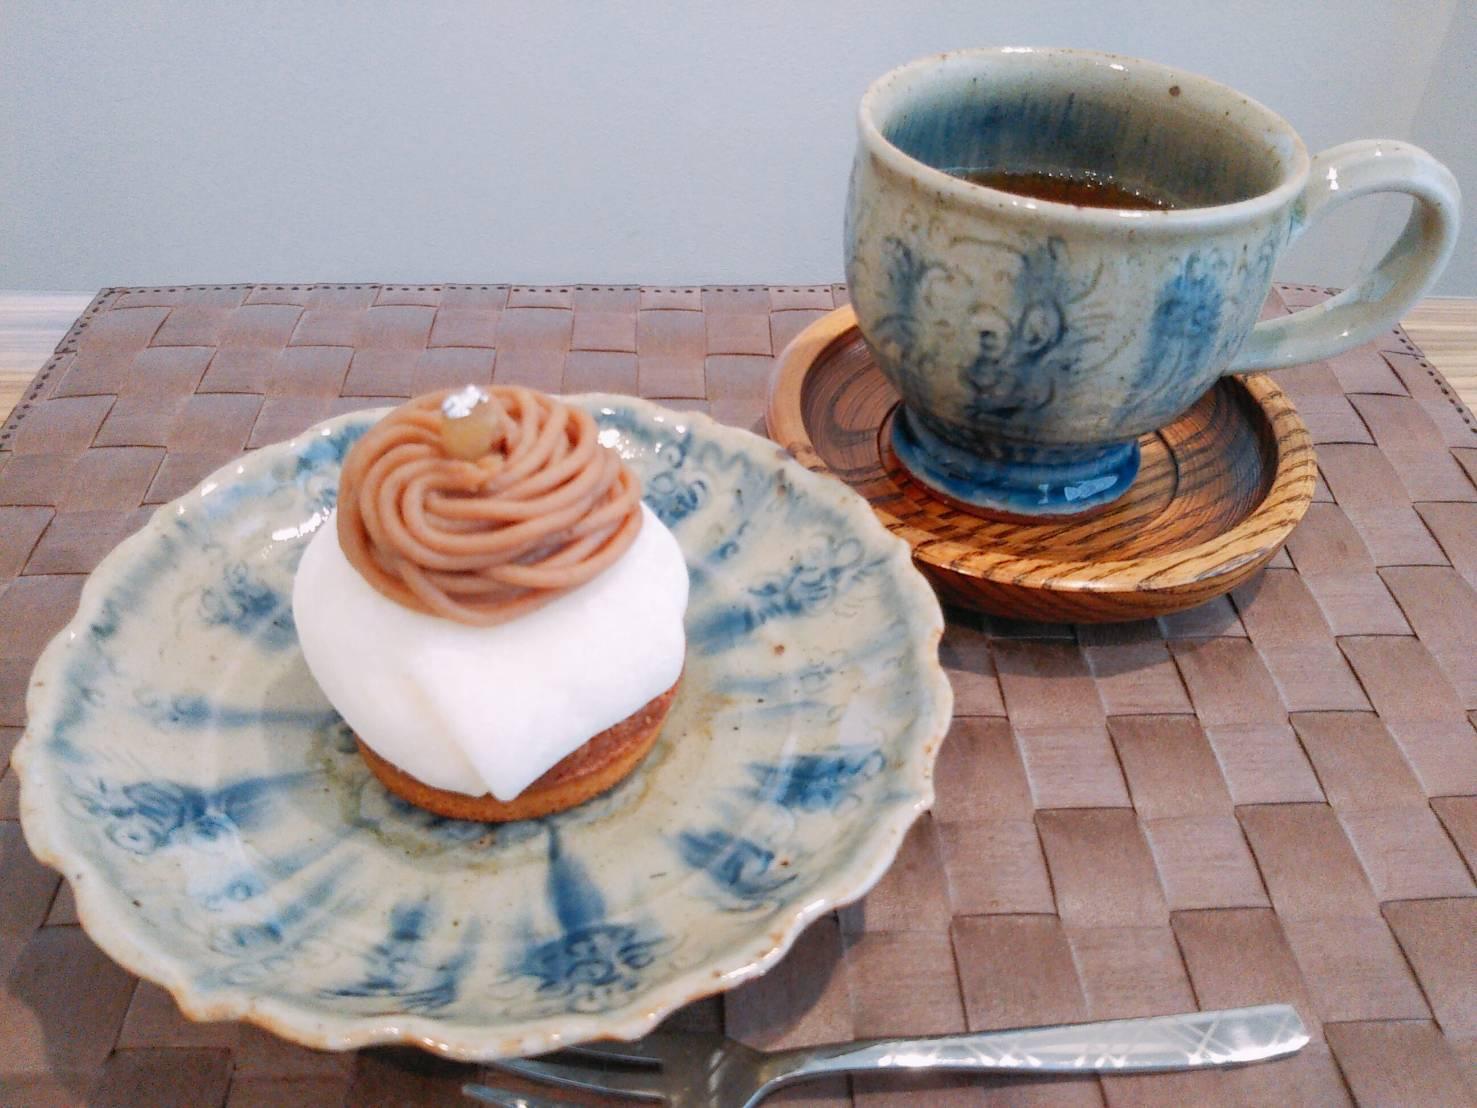 鯉川筋の山手にひっそり佇む街角のケーキ屋さん『cake sky walker (ケーク スカイ ウォーカー)』